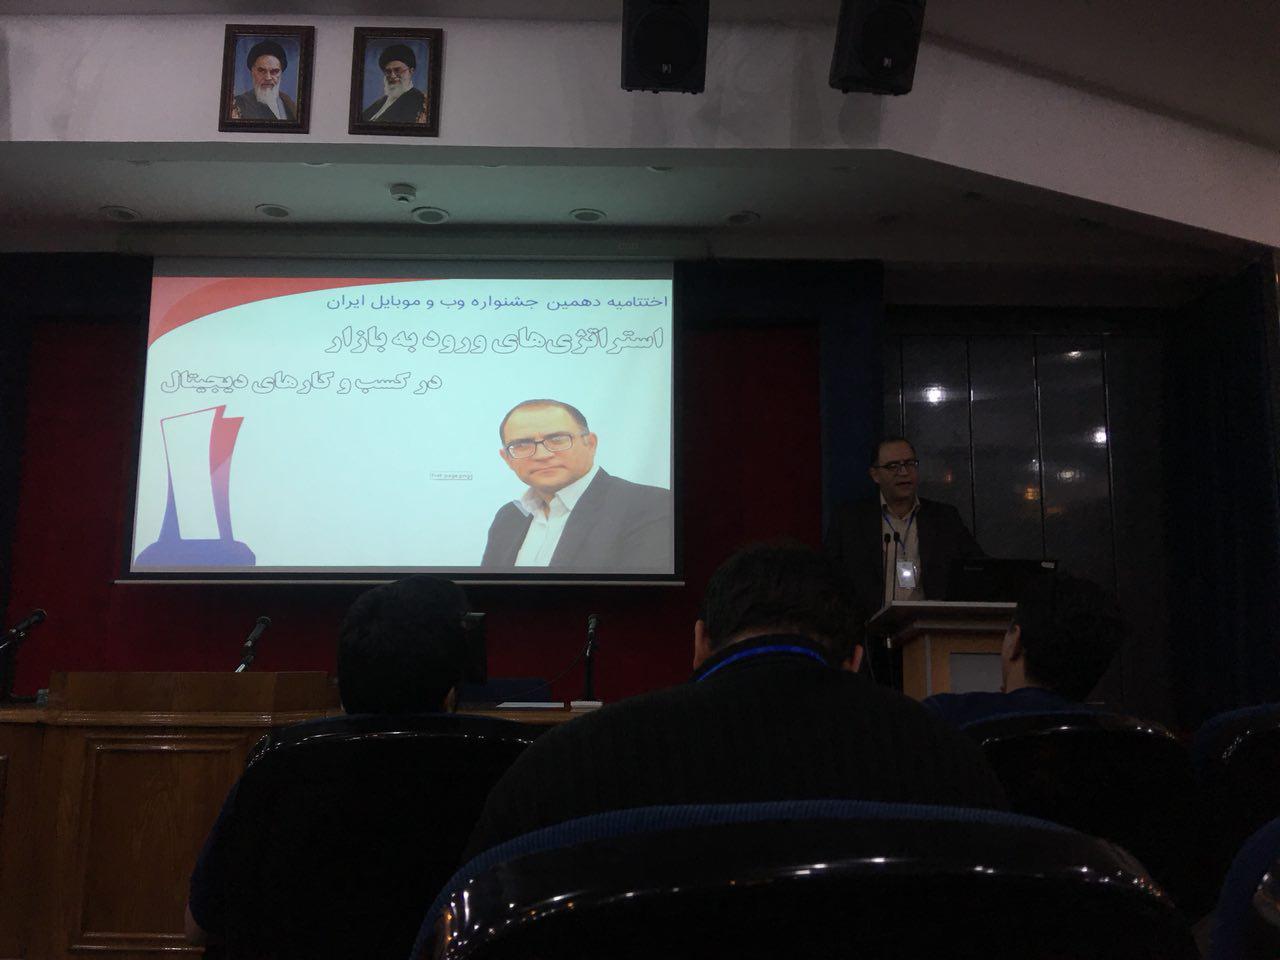 ارائه من در جشنواره وب و موبایل ایران با عنوان استراتژی های ورود به بازار در کسب و کارهای دیجیتال (پلت فرم ها)